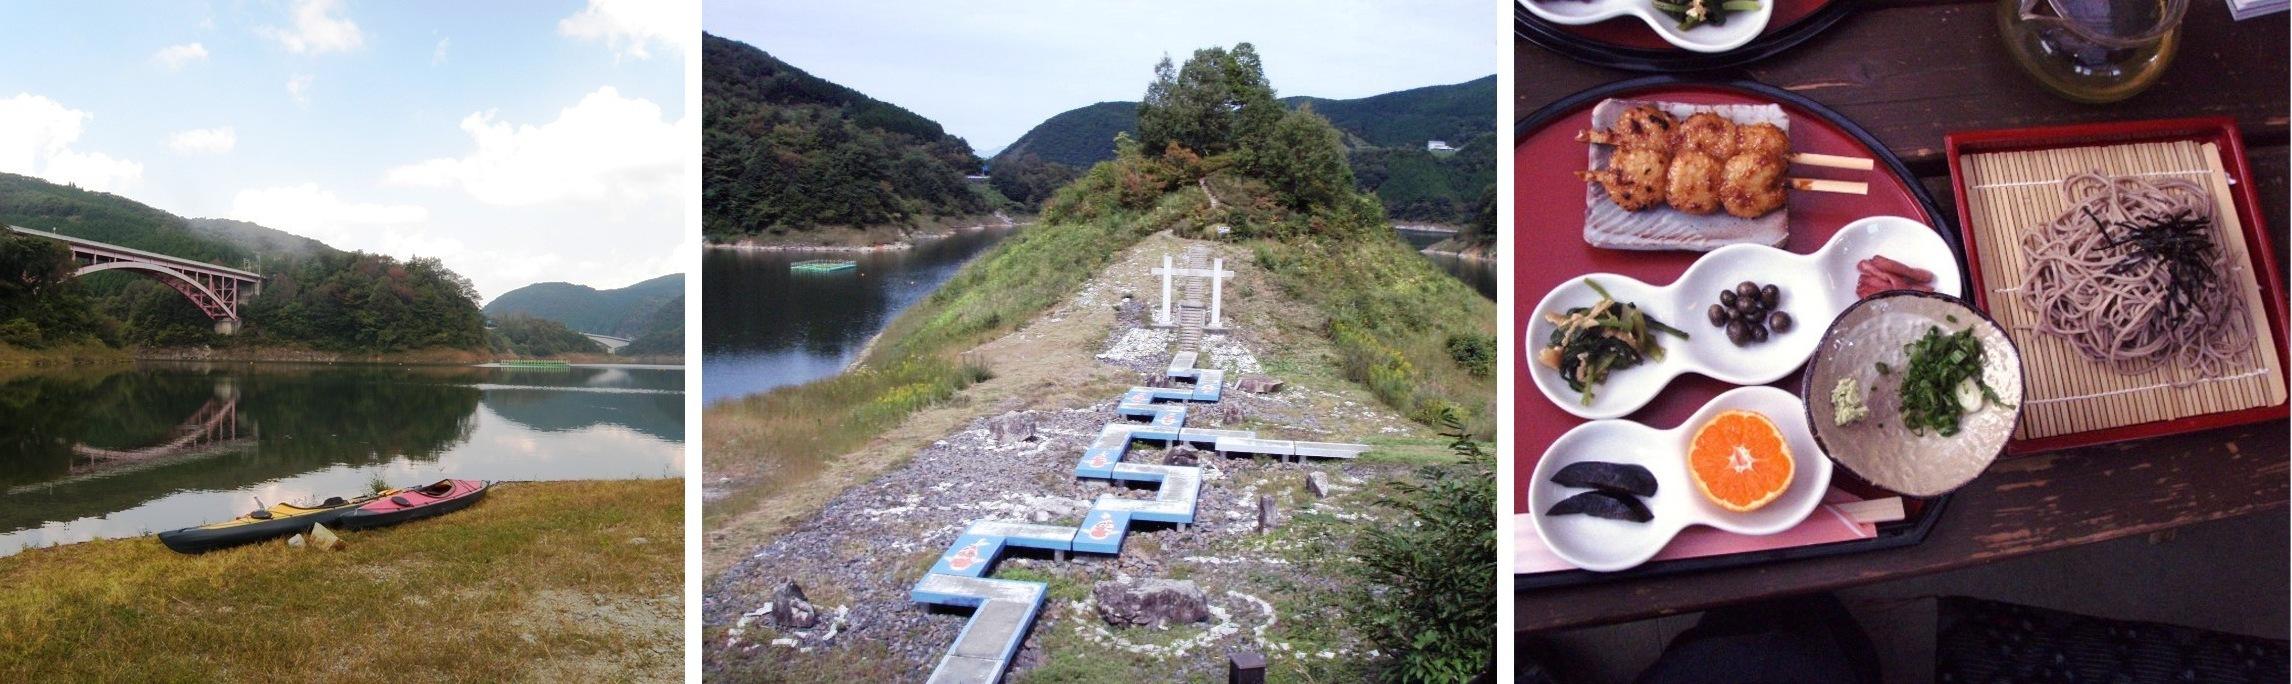 阿木川ダム湖4